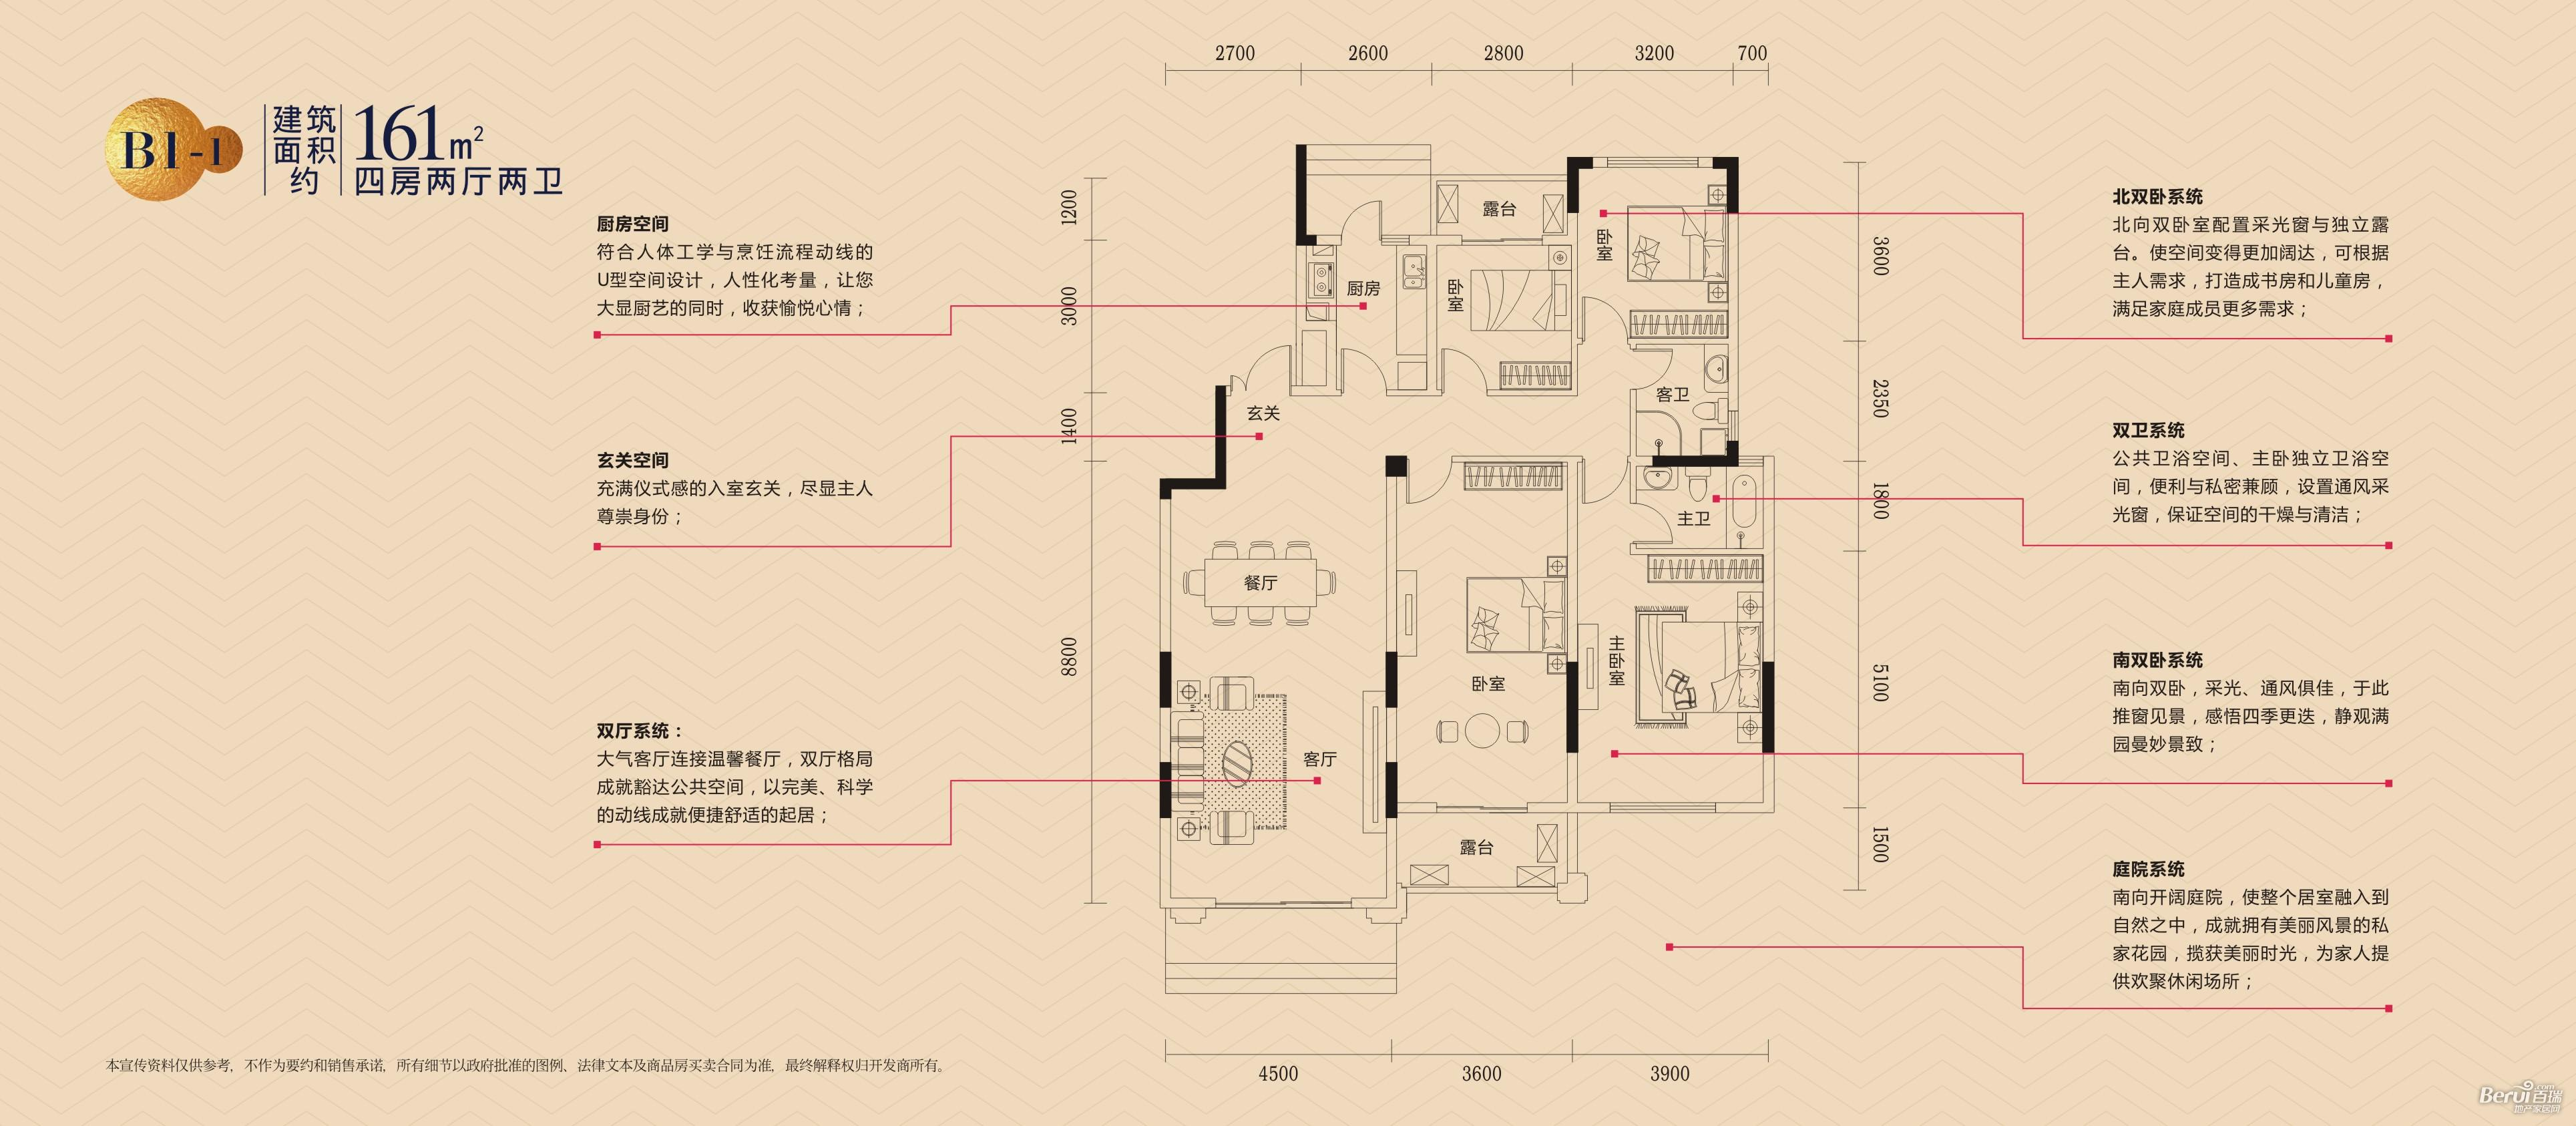 乐富强悦澜湾B1-1